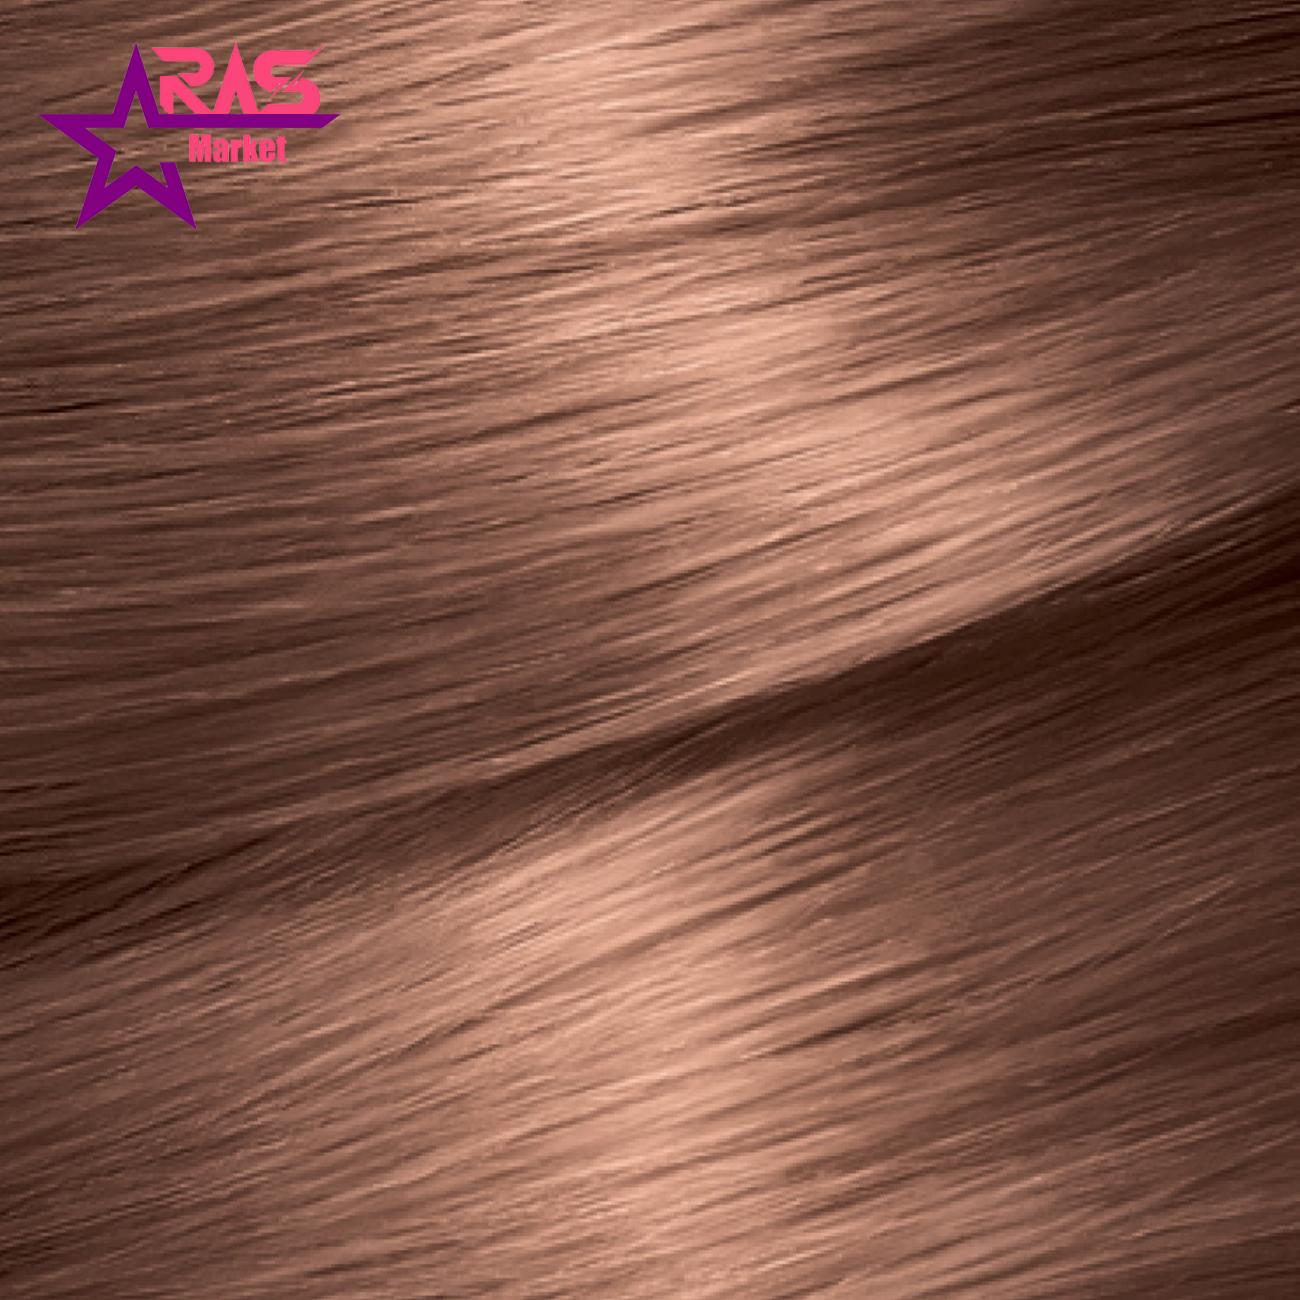 کیت رنگ مو گارنیر سری Color Naturals شماره 6.25 ، فروشگاه اینترنتی ارس مارکت ، رنگ موی زنانه ، garnier